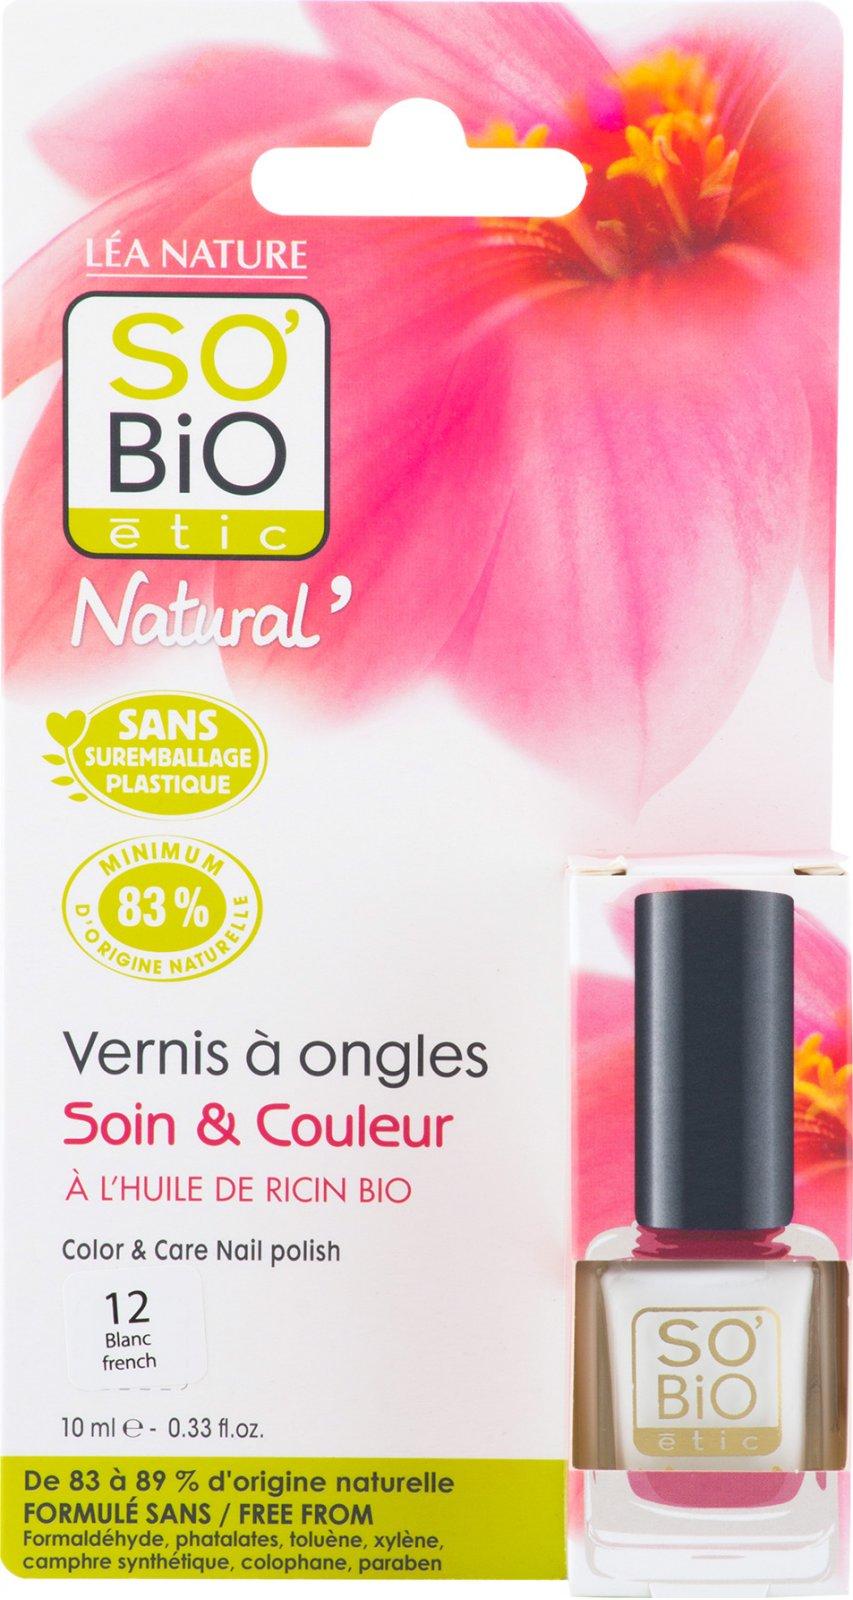 So Bio Etic 12 Francouzska Manikura Bila 10 Ml Od 188 Kc Zbozi Cz